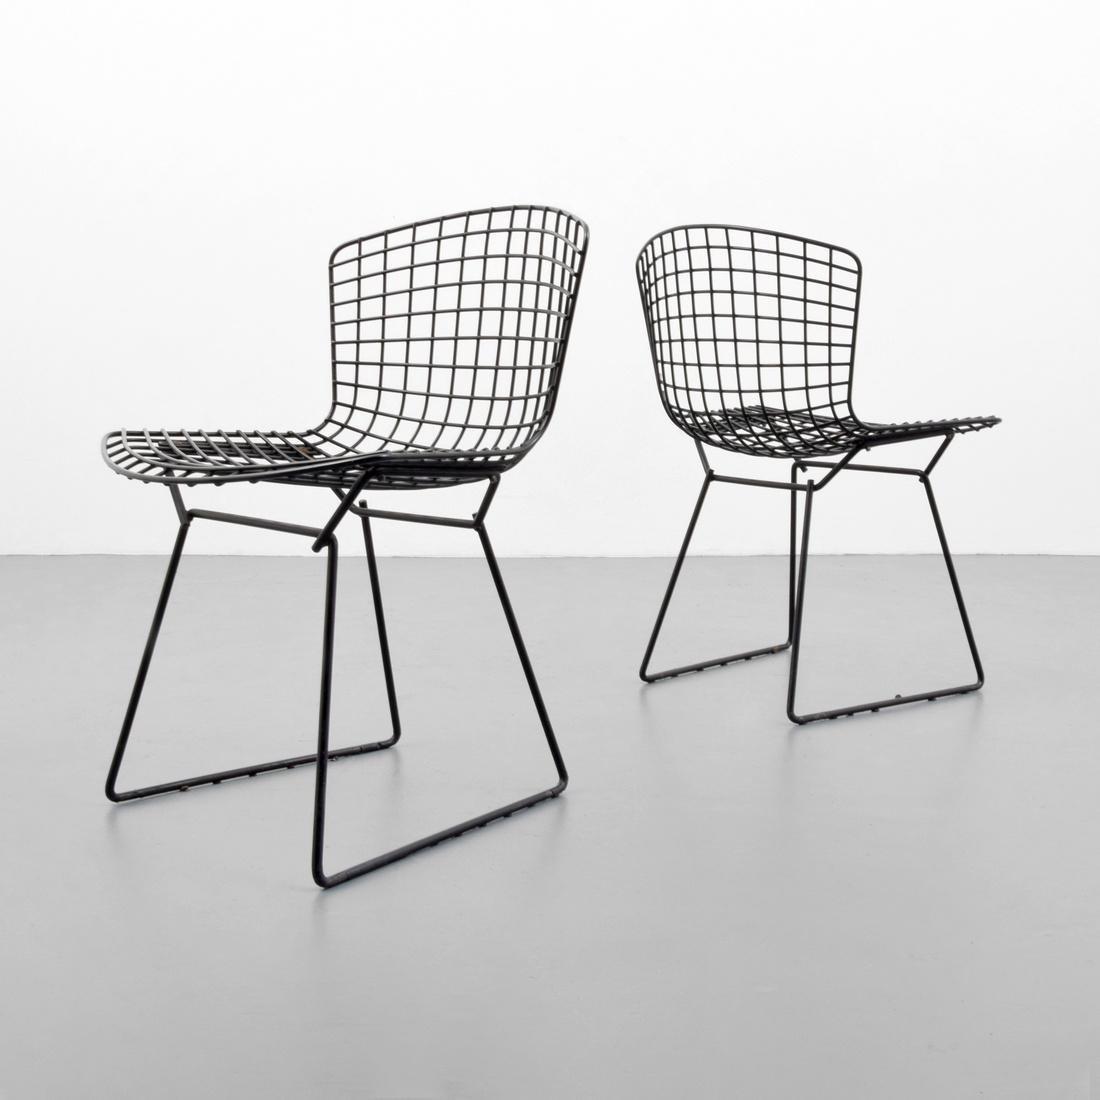 Pair of Harry Bertoia Chairs